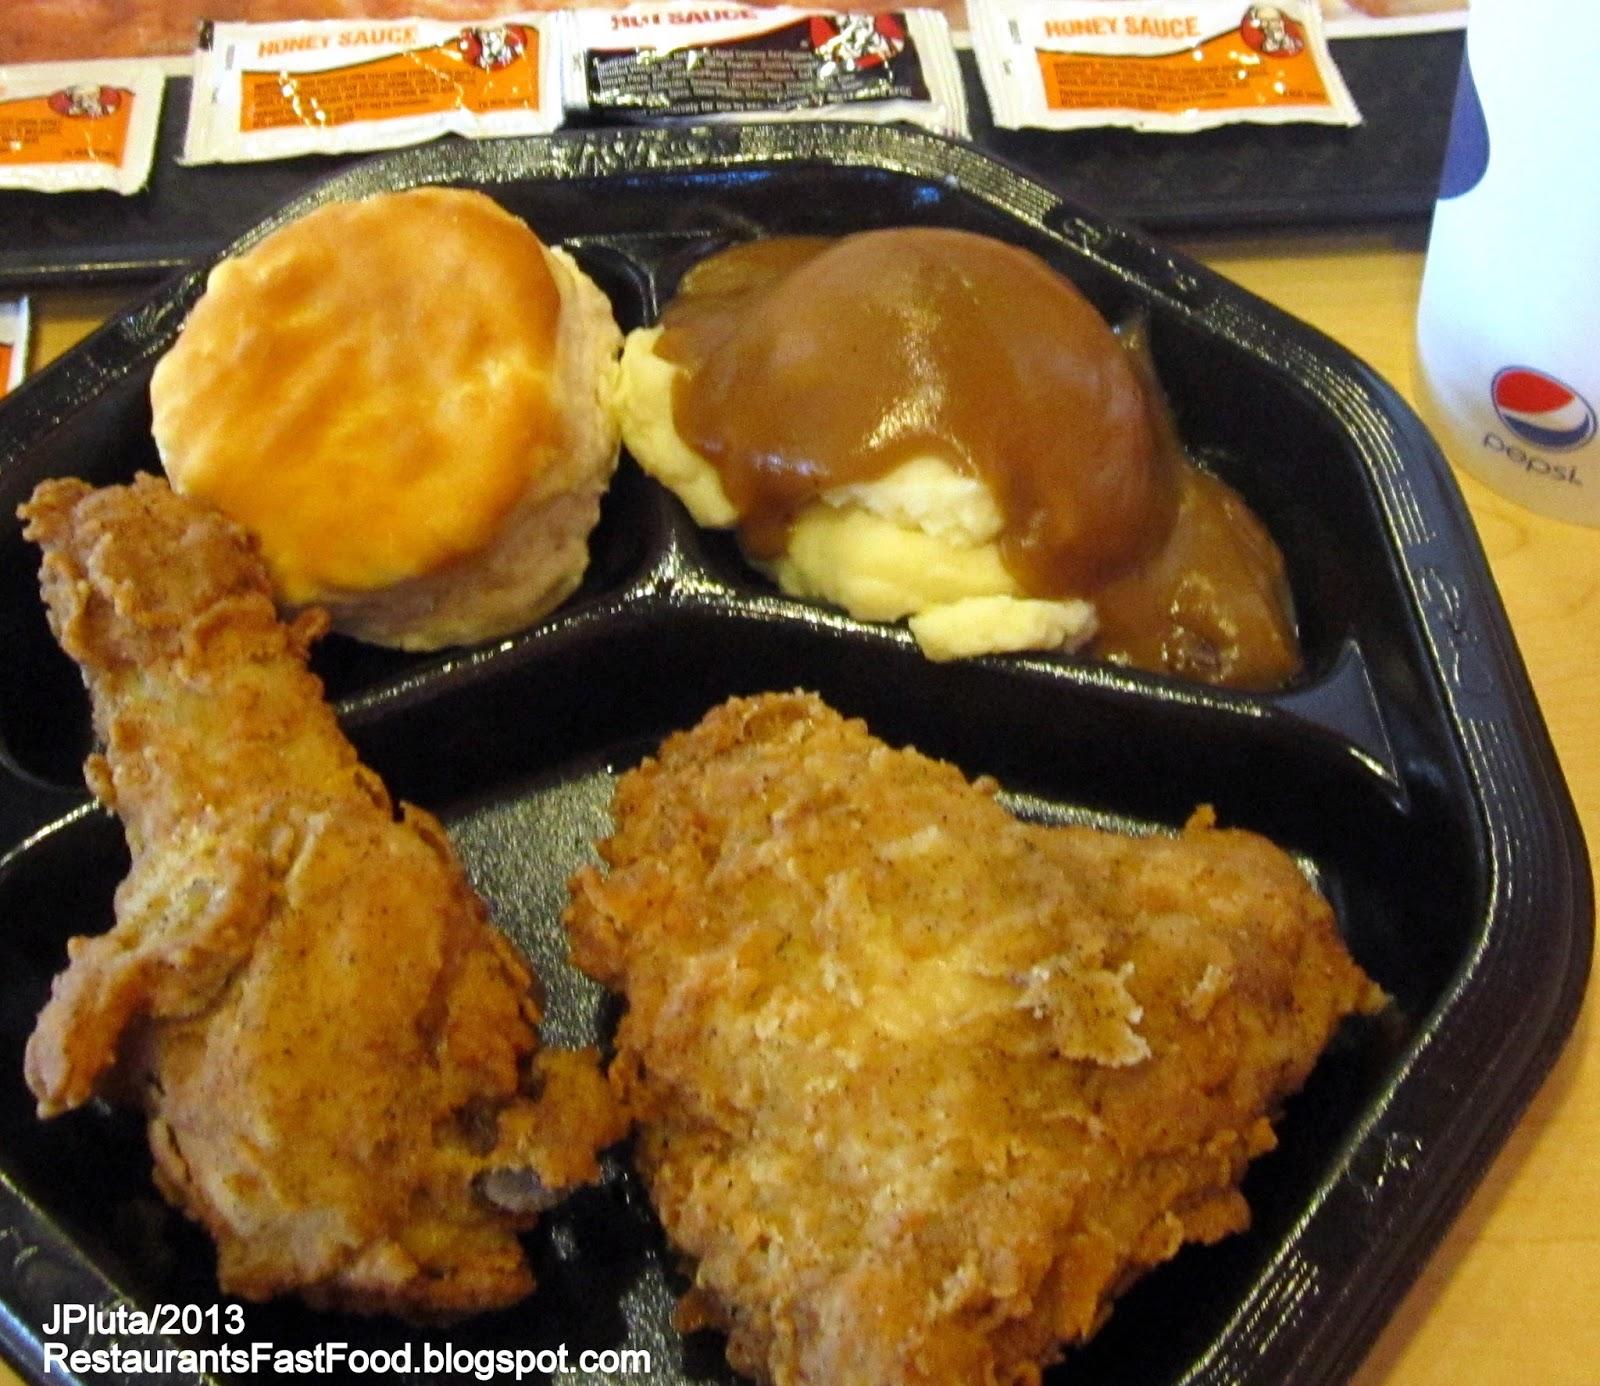 Restaurant Fast Food Menu McDonald's DQ BK Hamburger Pizza ...